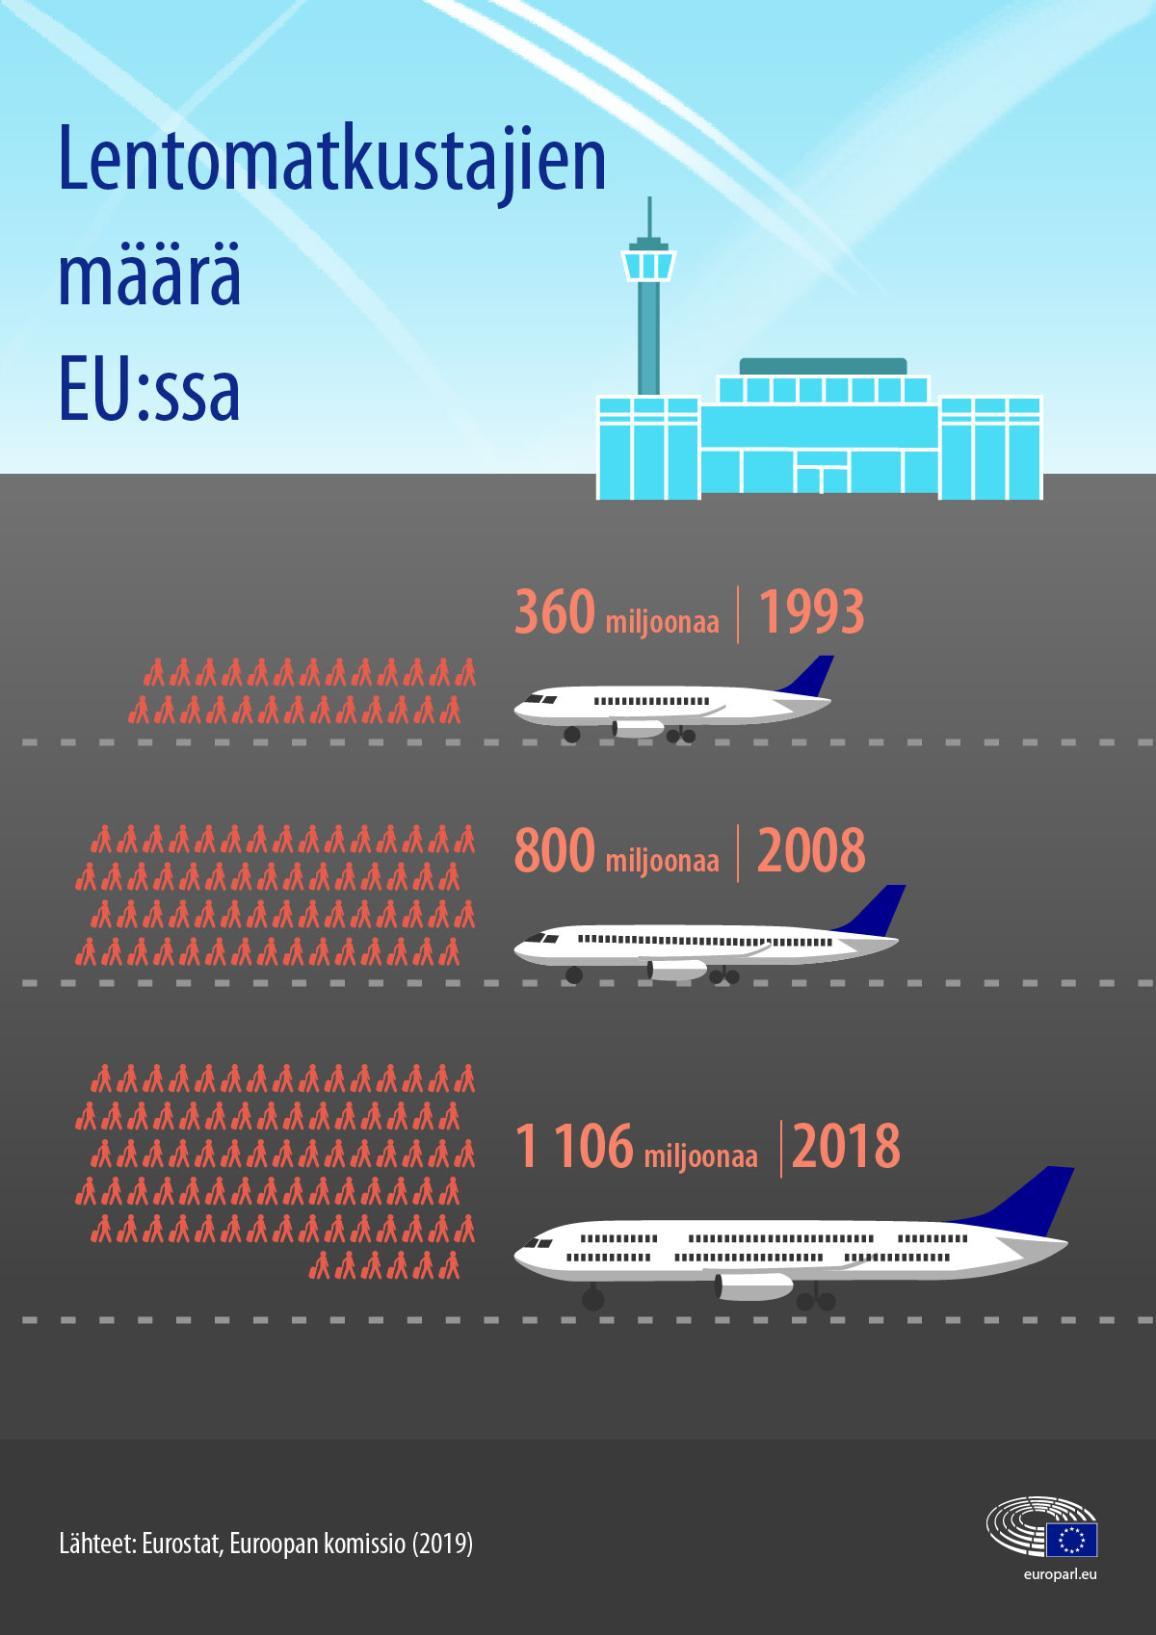 Infografiikka lentomatkustajien määrän kehityksestä EU:ssa